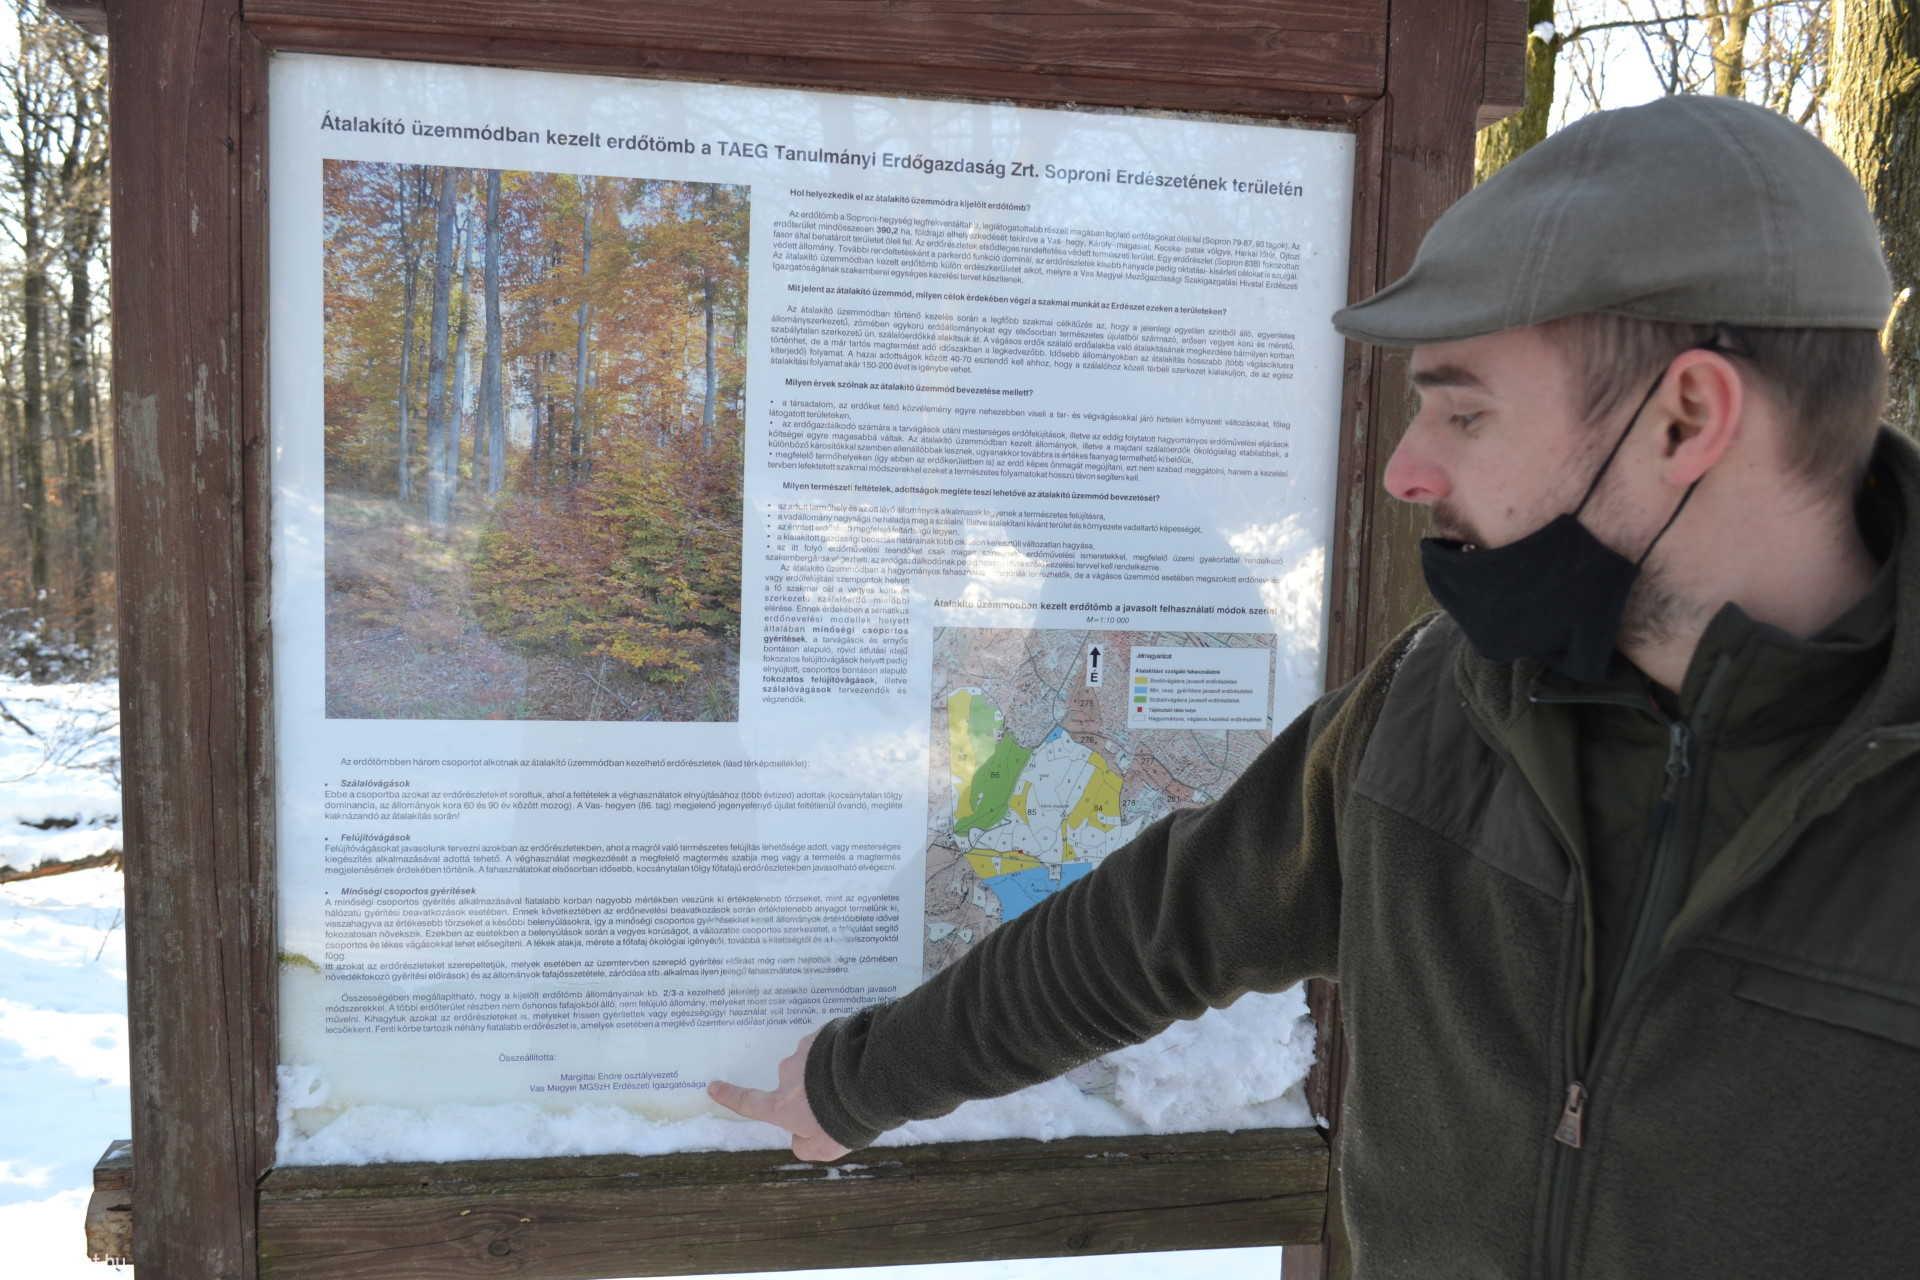 Tájékoztató tábla is elmagyarázza a fakitermelés szabályait.